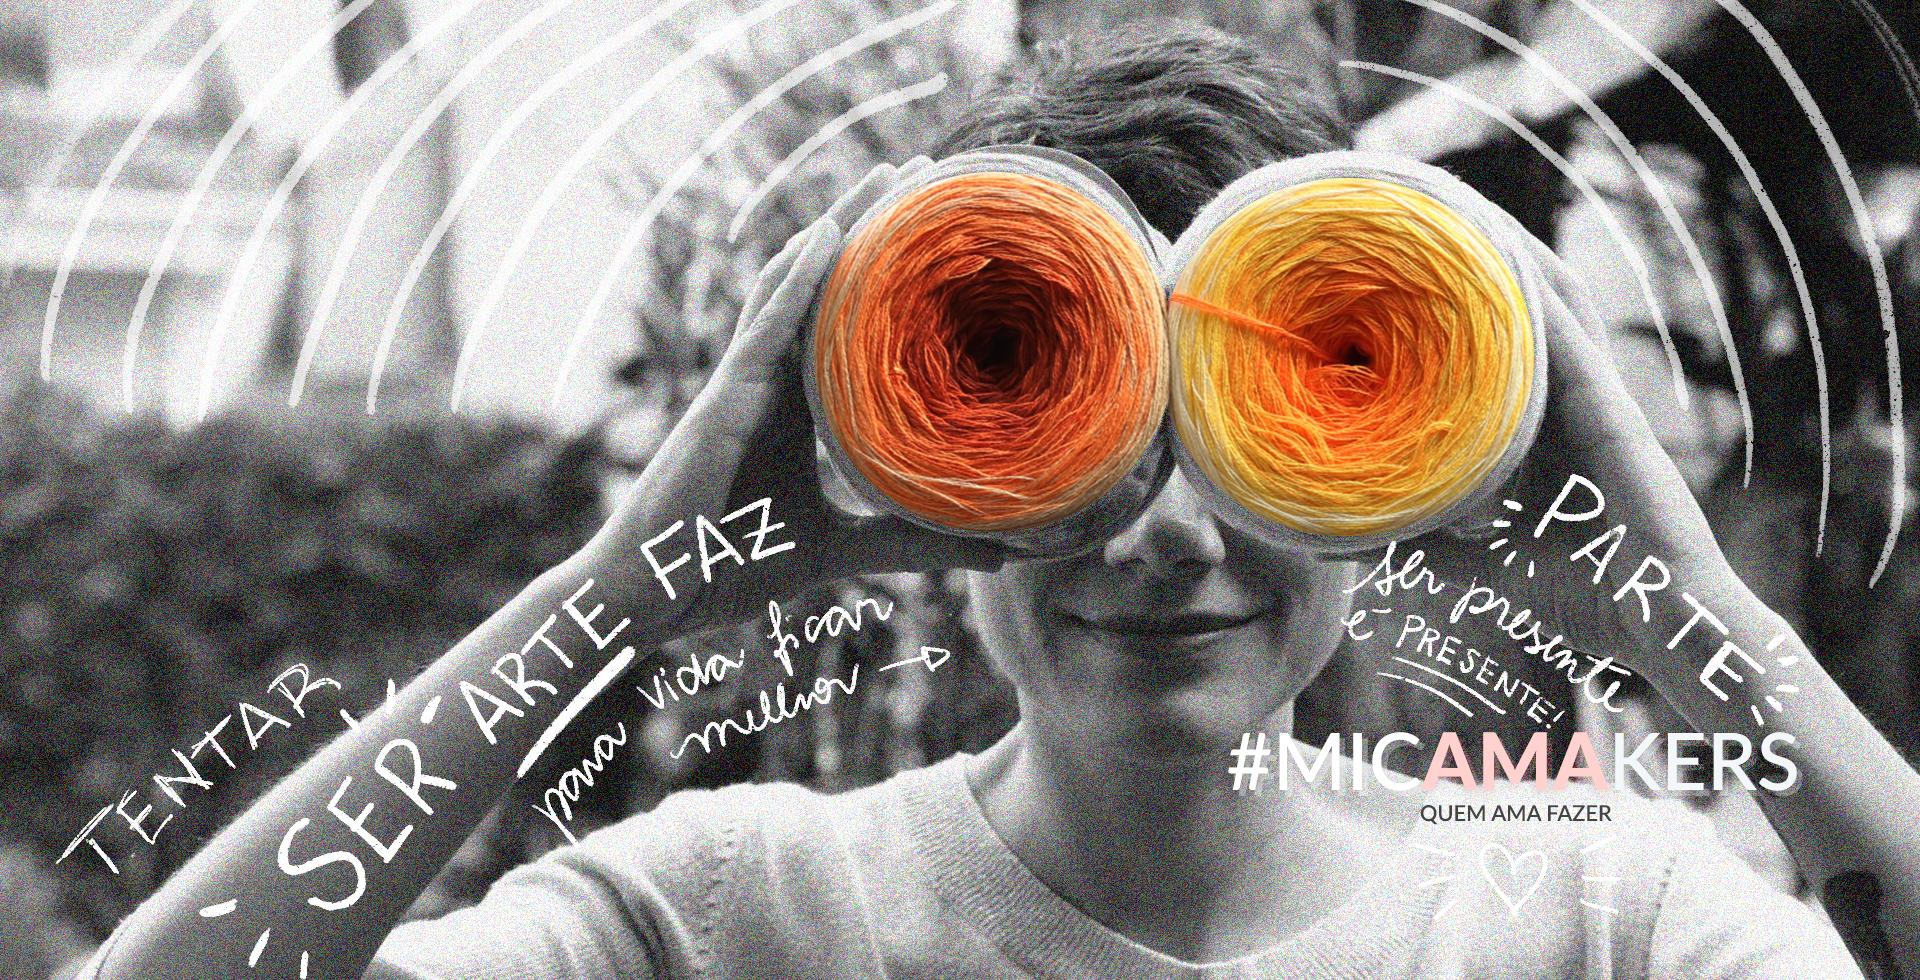 Micamakers | Ser arte faz parte